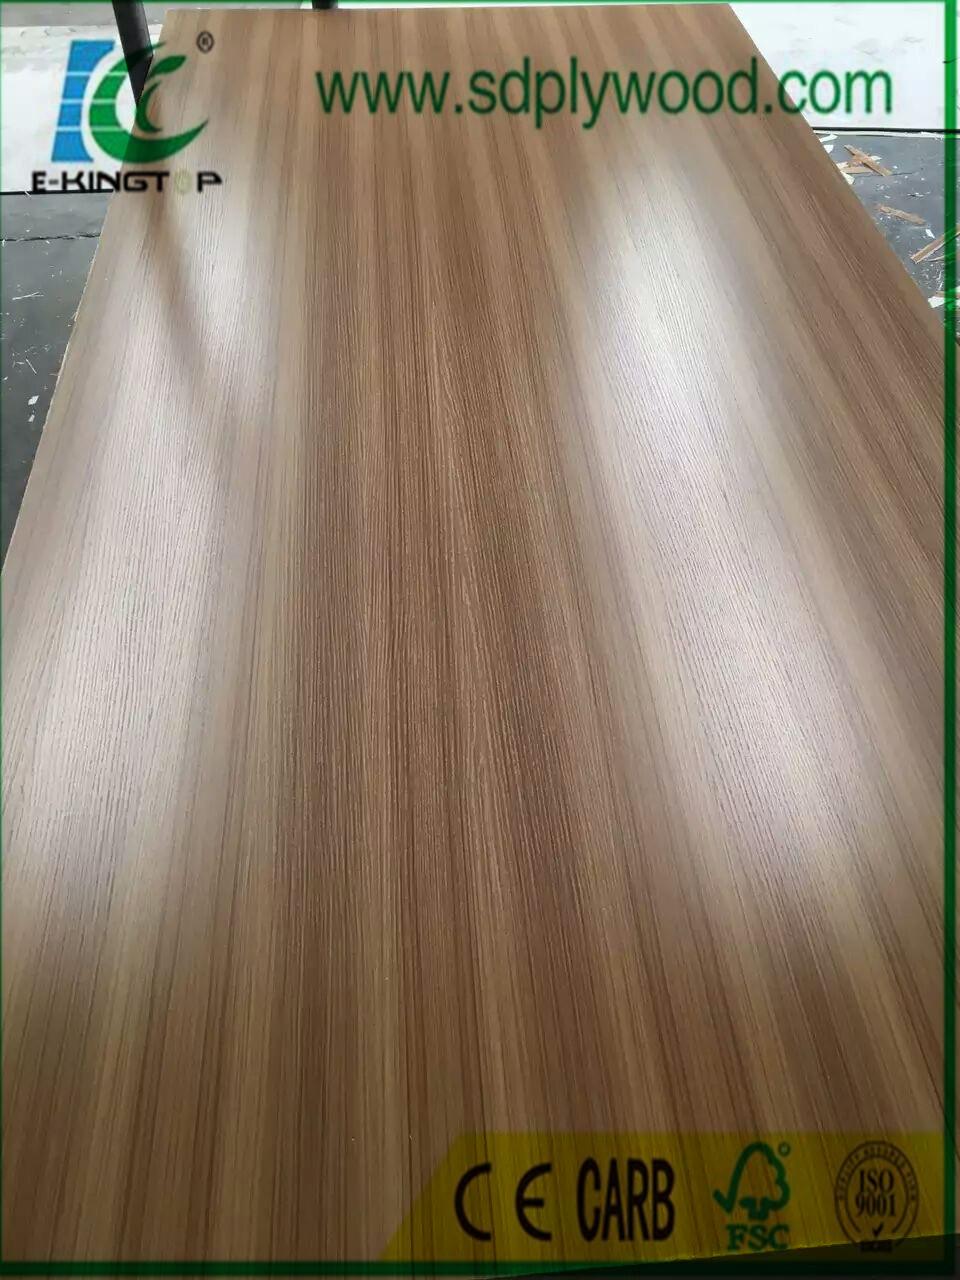 Laminated MDF /Melamine MDF/Plywood